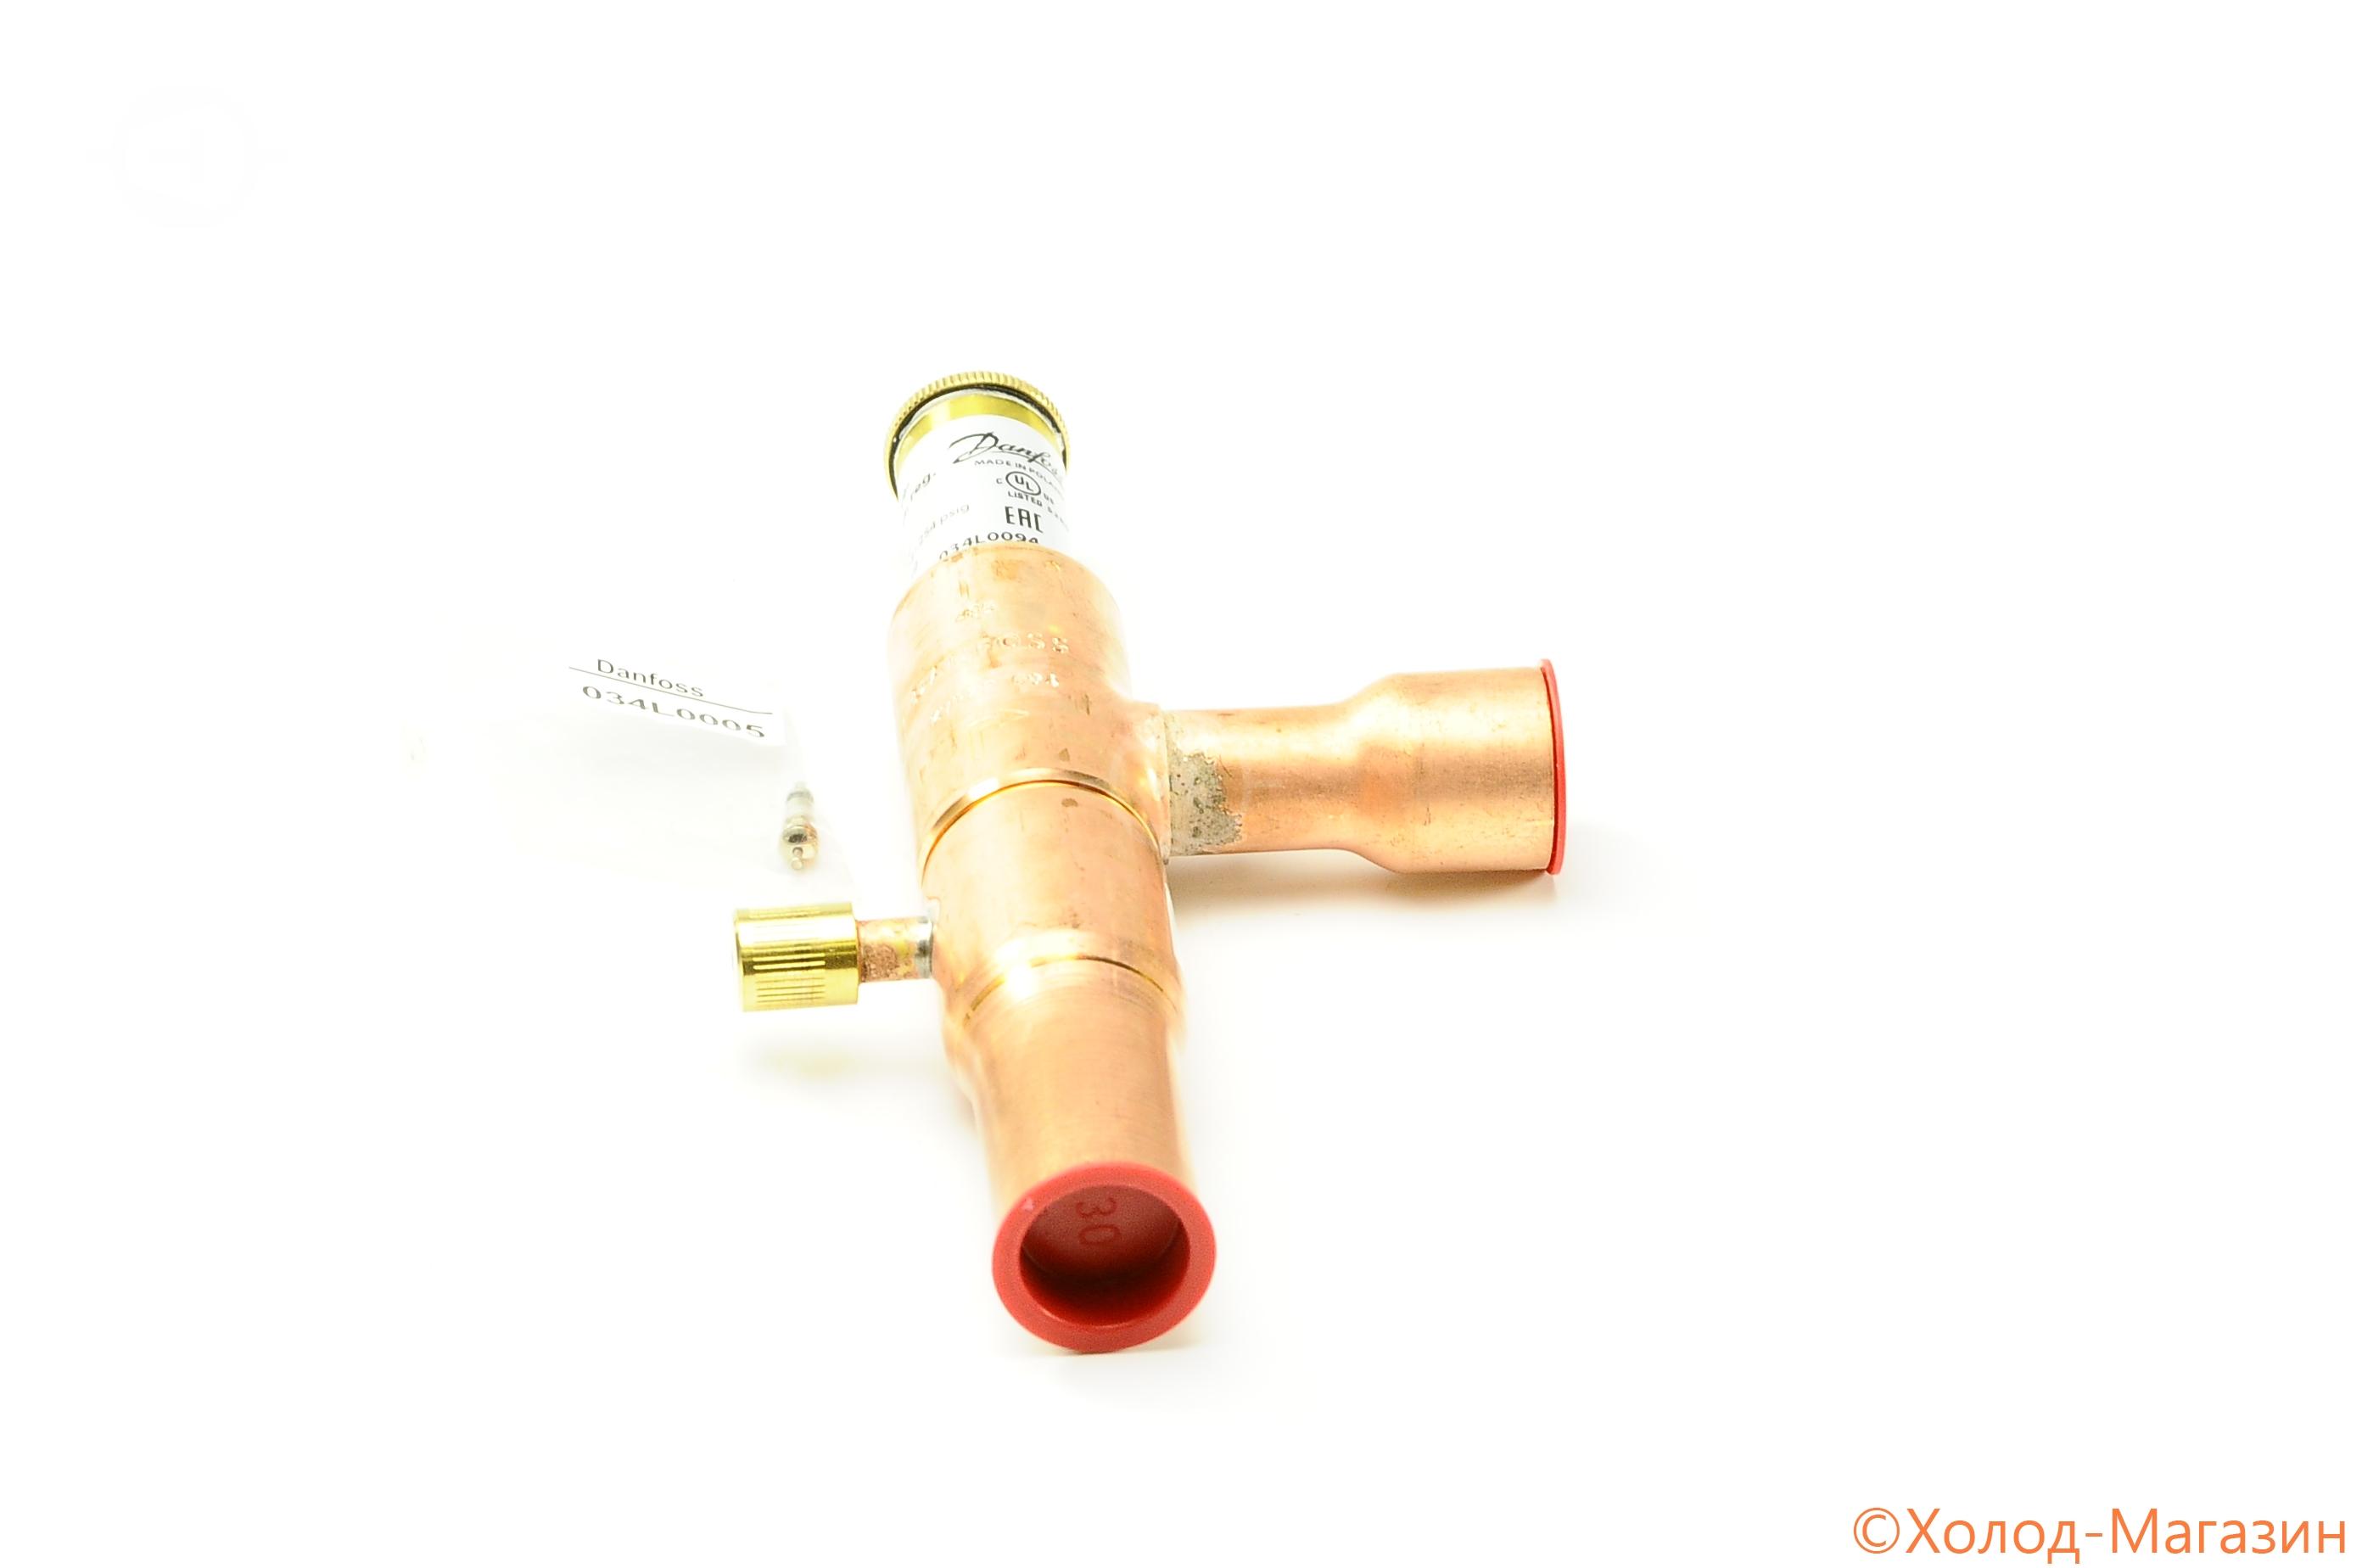 """Регулятор давления конденсации KVR 22 D22 (7/8""""), Danfoss"""